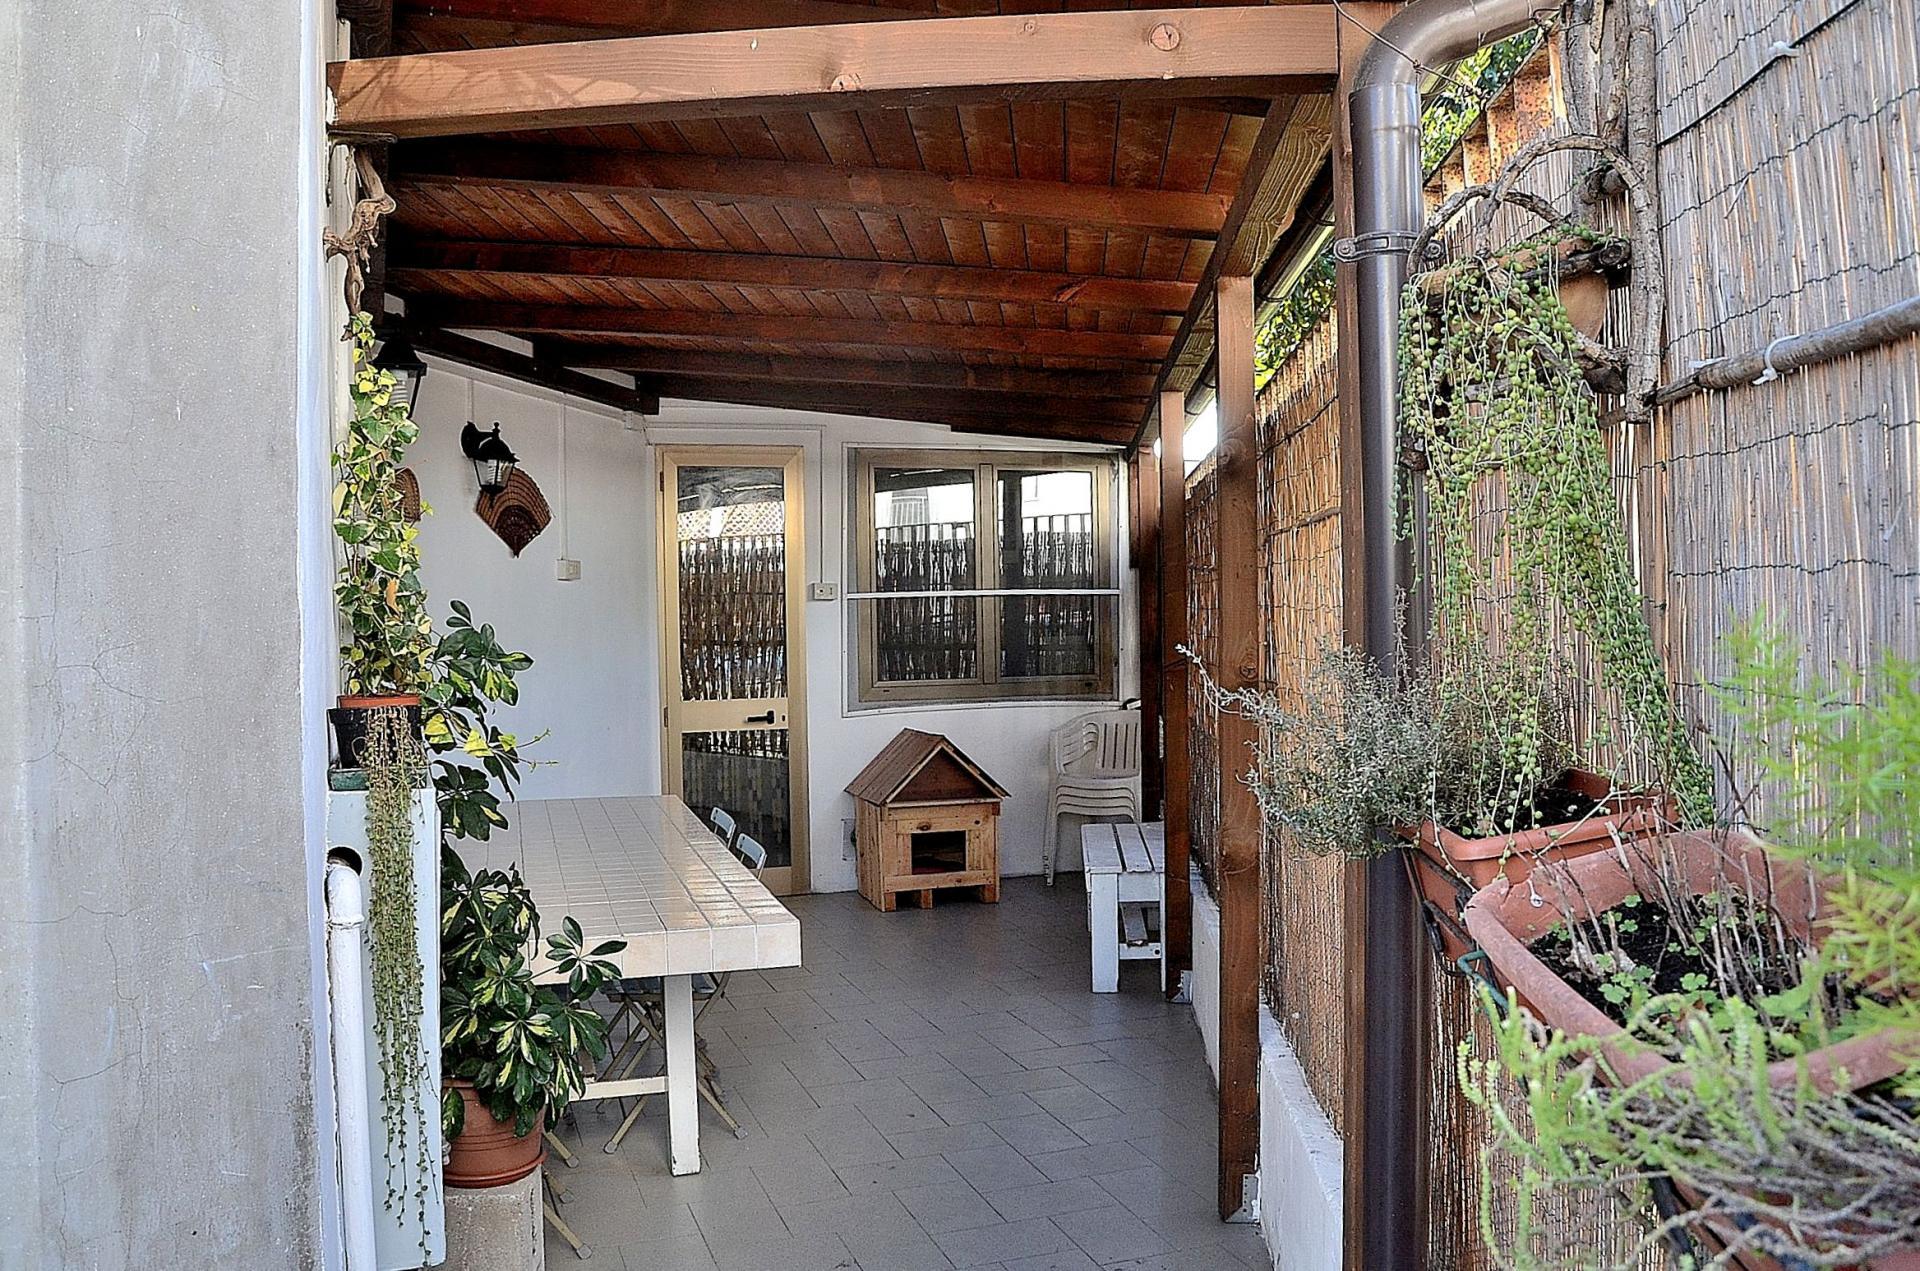 Soluzione Indipendente in vendita a Montesilvano, 8 locali, zona Località: centro, prezzo € 227.000 | Cambio Casa.it